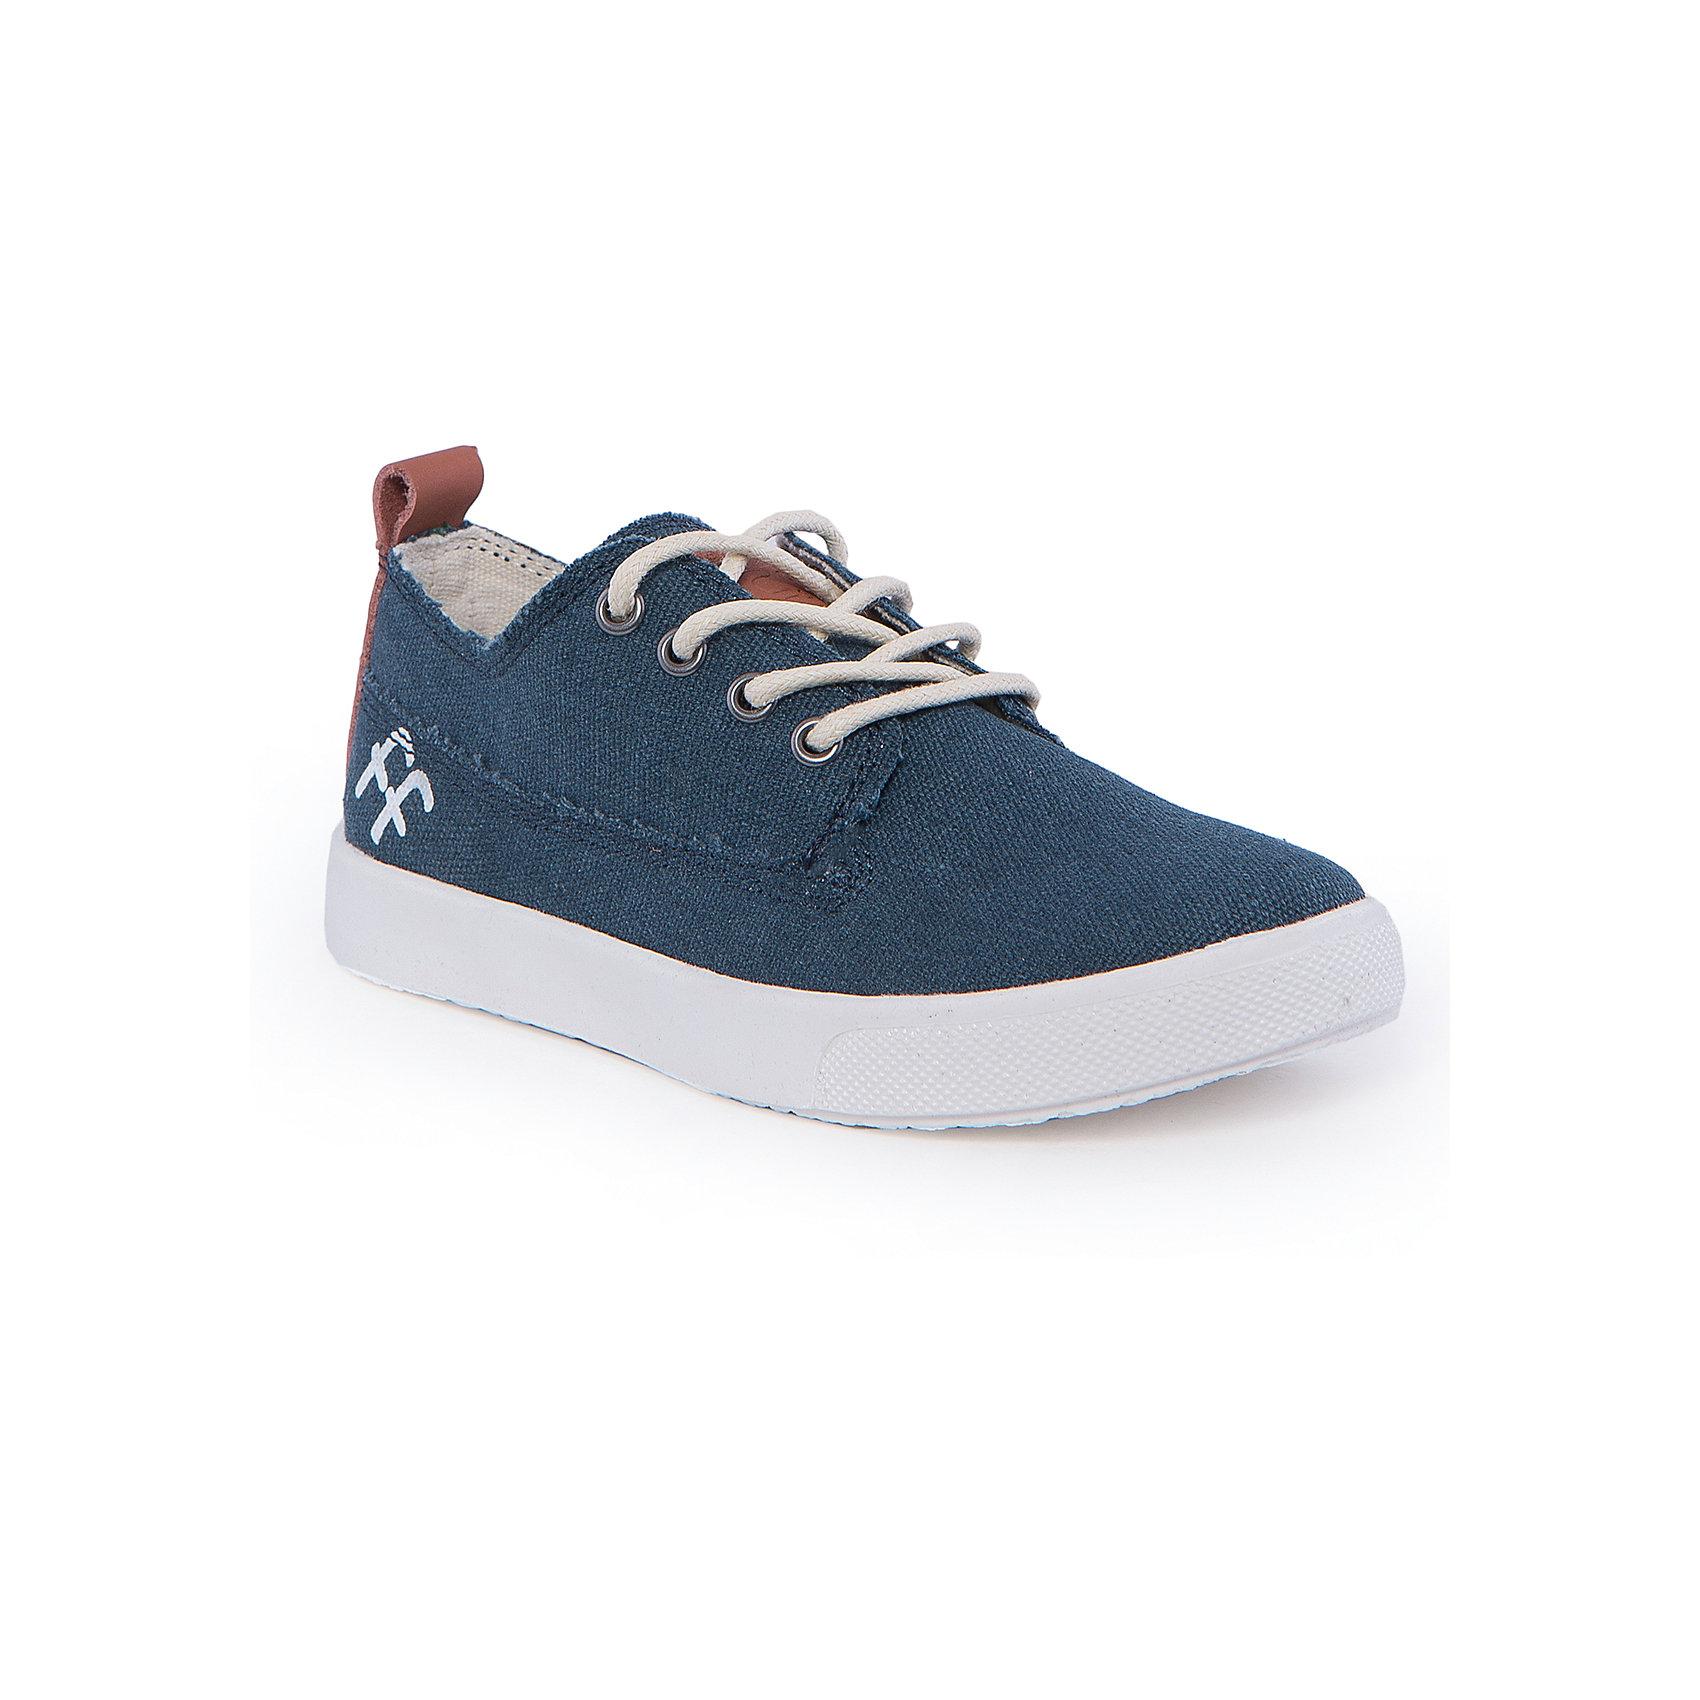 Кеды для мальчика BebendorffКеды для мальчика от известного бренда Bebendorff<br><br>Стильные джинсовые кеды разнообразят гардероб мальчика в новом весенне-летнем сезоне. Кеды сделаны из качественных материалов, поэтому не только отлично смотрятся, но и обеспечивают комфорт детским ногам.<br><br>Отличительные особенности модели:<br><br>- цвет: синий джинс;<br>- удобная форма;<br>- небольшой принт;<br>- качественные материалы;<br>- толстая устойчивая подошва;<br>- хлопковая подкладка;<br>- шнуровка;<br>- стелька из натуральной кожи.<br><br>Дополнительная информация:<br><br>Температурный режим: от + 10° С до + 25° С.<br><br>Состав:<br>верх - текстиль;<br>подкладка - хлопок;<br>стелька - натуральная кожа;<br>подошва - ТПР.<br><br>Кеды для мальчика Bebendorff (Бебендорф) можно купить в нашем магазине.<br><br>Ширина мм: 250<br>Глубина мм: 150<br>Высота мм: 150<br>Вес г: 250<br>Цвет: синий<br>Возраст от месяцев: 60<br>Возраст до месяцев: 72<br>Пол: Мужской<br>Возраст: Детский<br>Размер: 29,28,30,31,33,32<br>SKU: 4554696